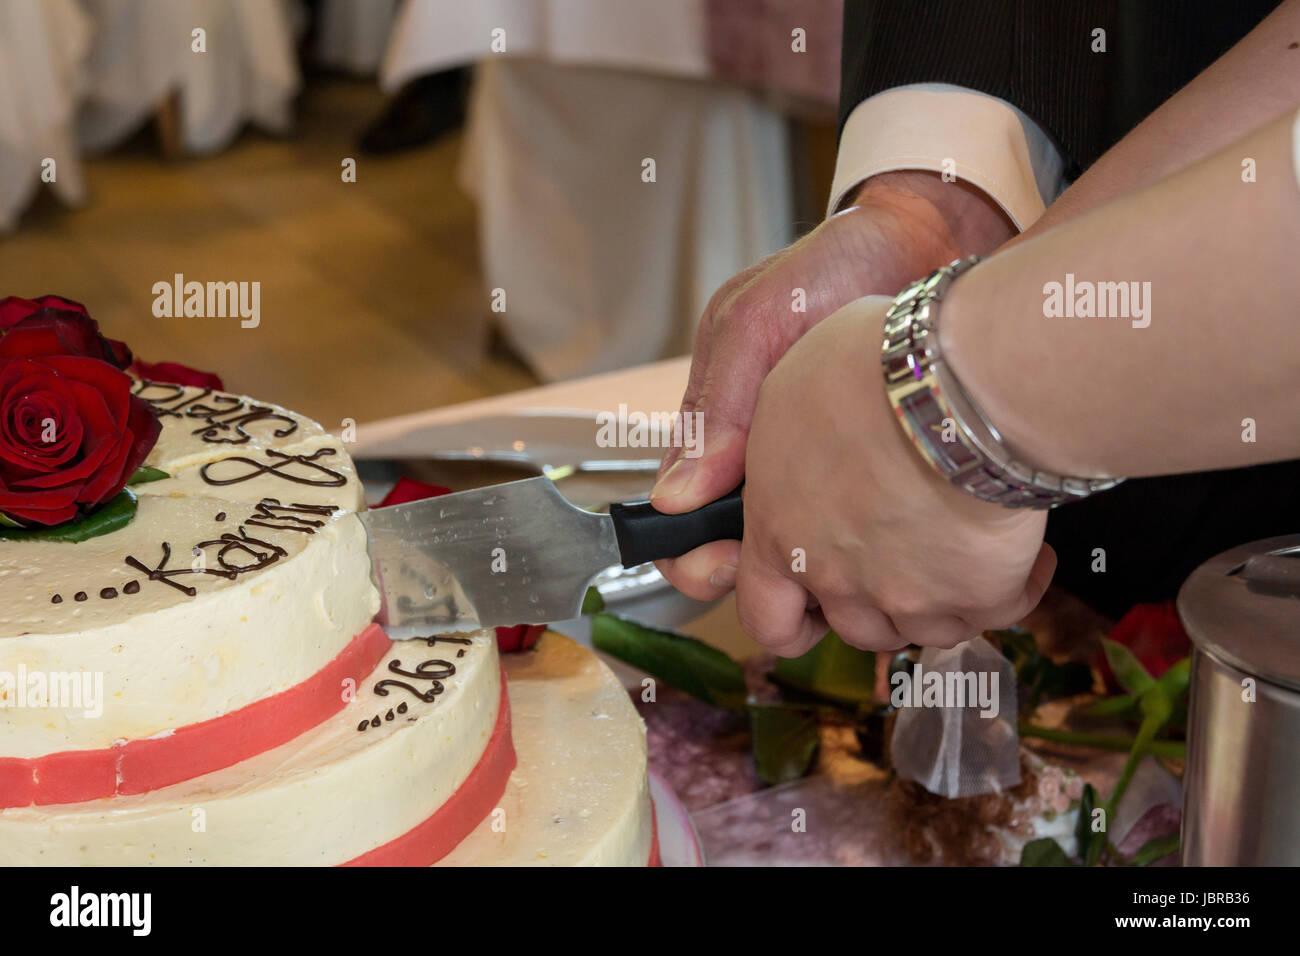 Anschneiden Der Hochzeitstorte Stockfoto Bild 144957770 Alamy